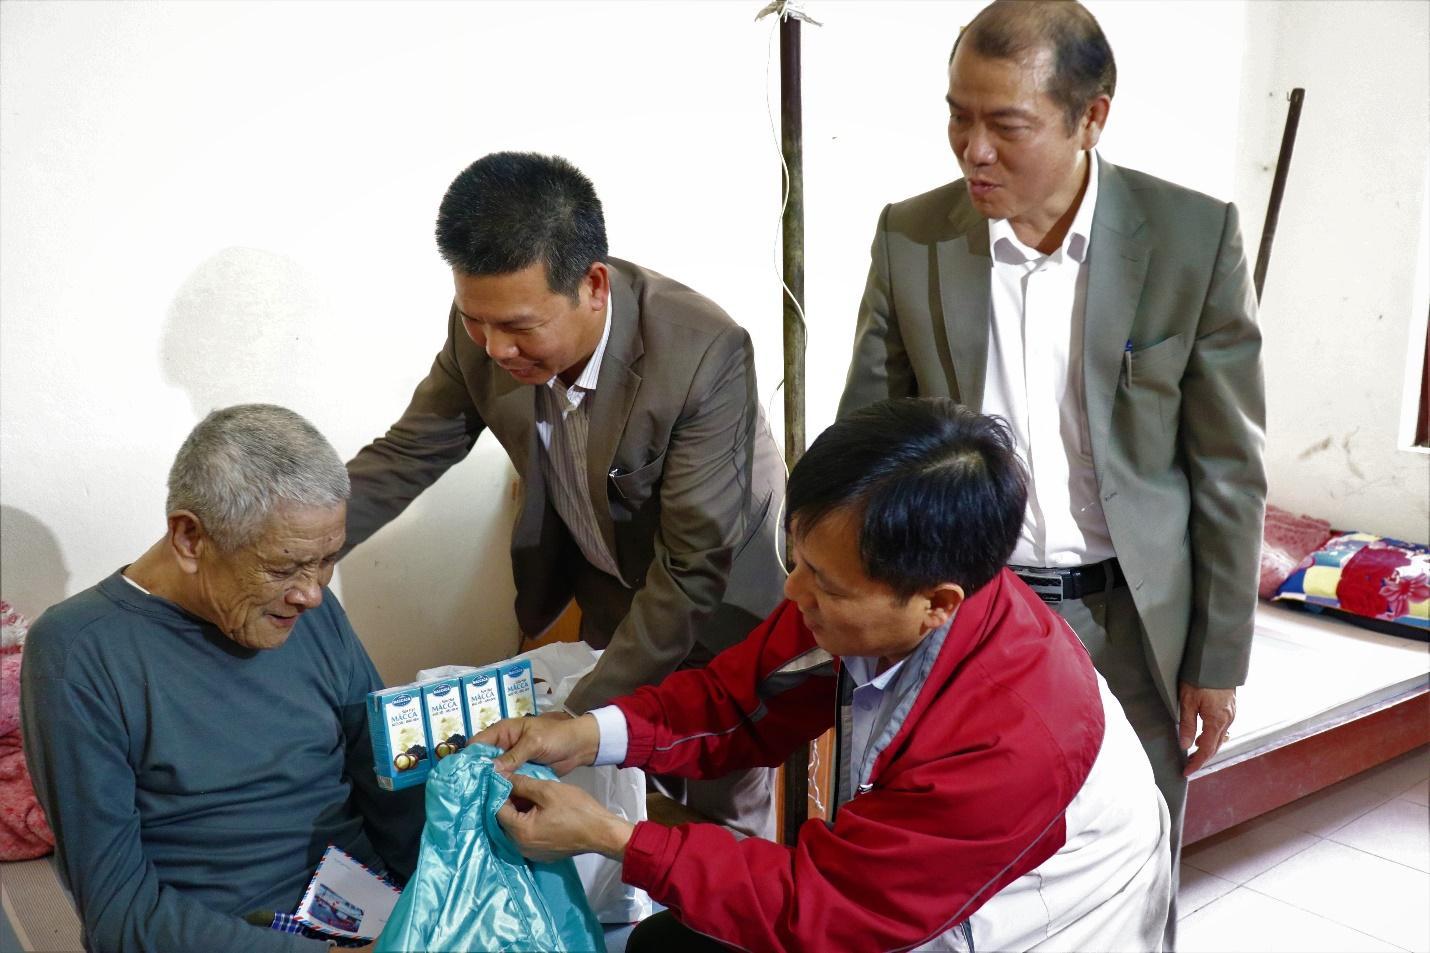 E:thông tin DNmaccatặng quà tại Hà NambàiIMG_1128.JPG